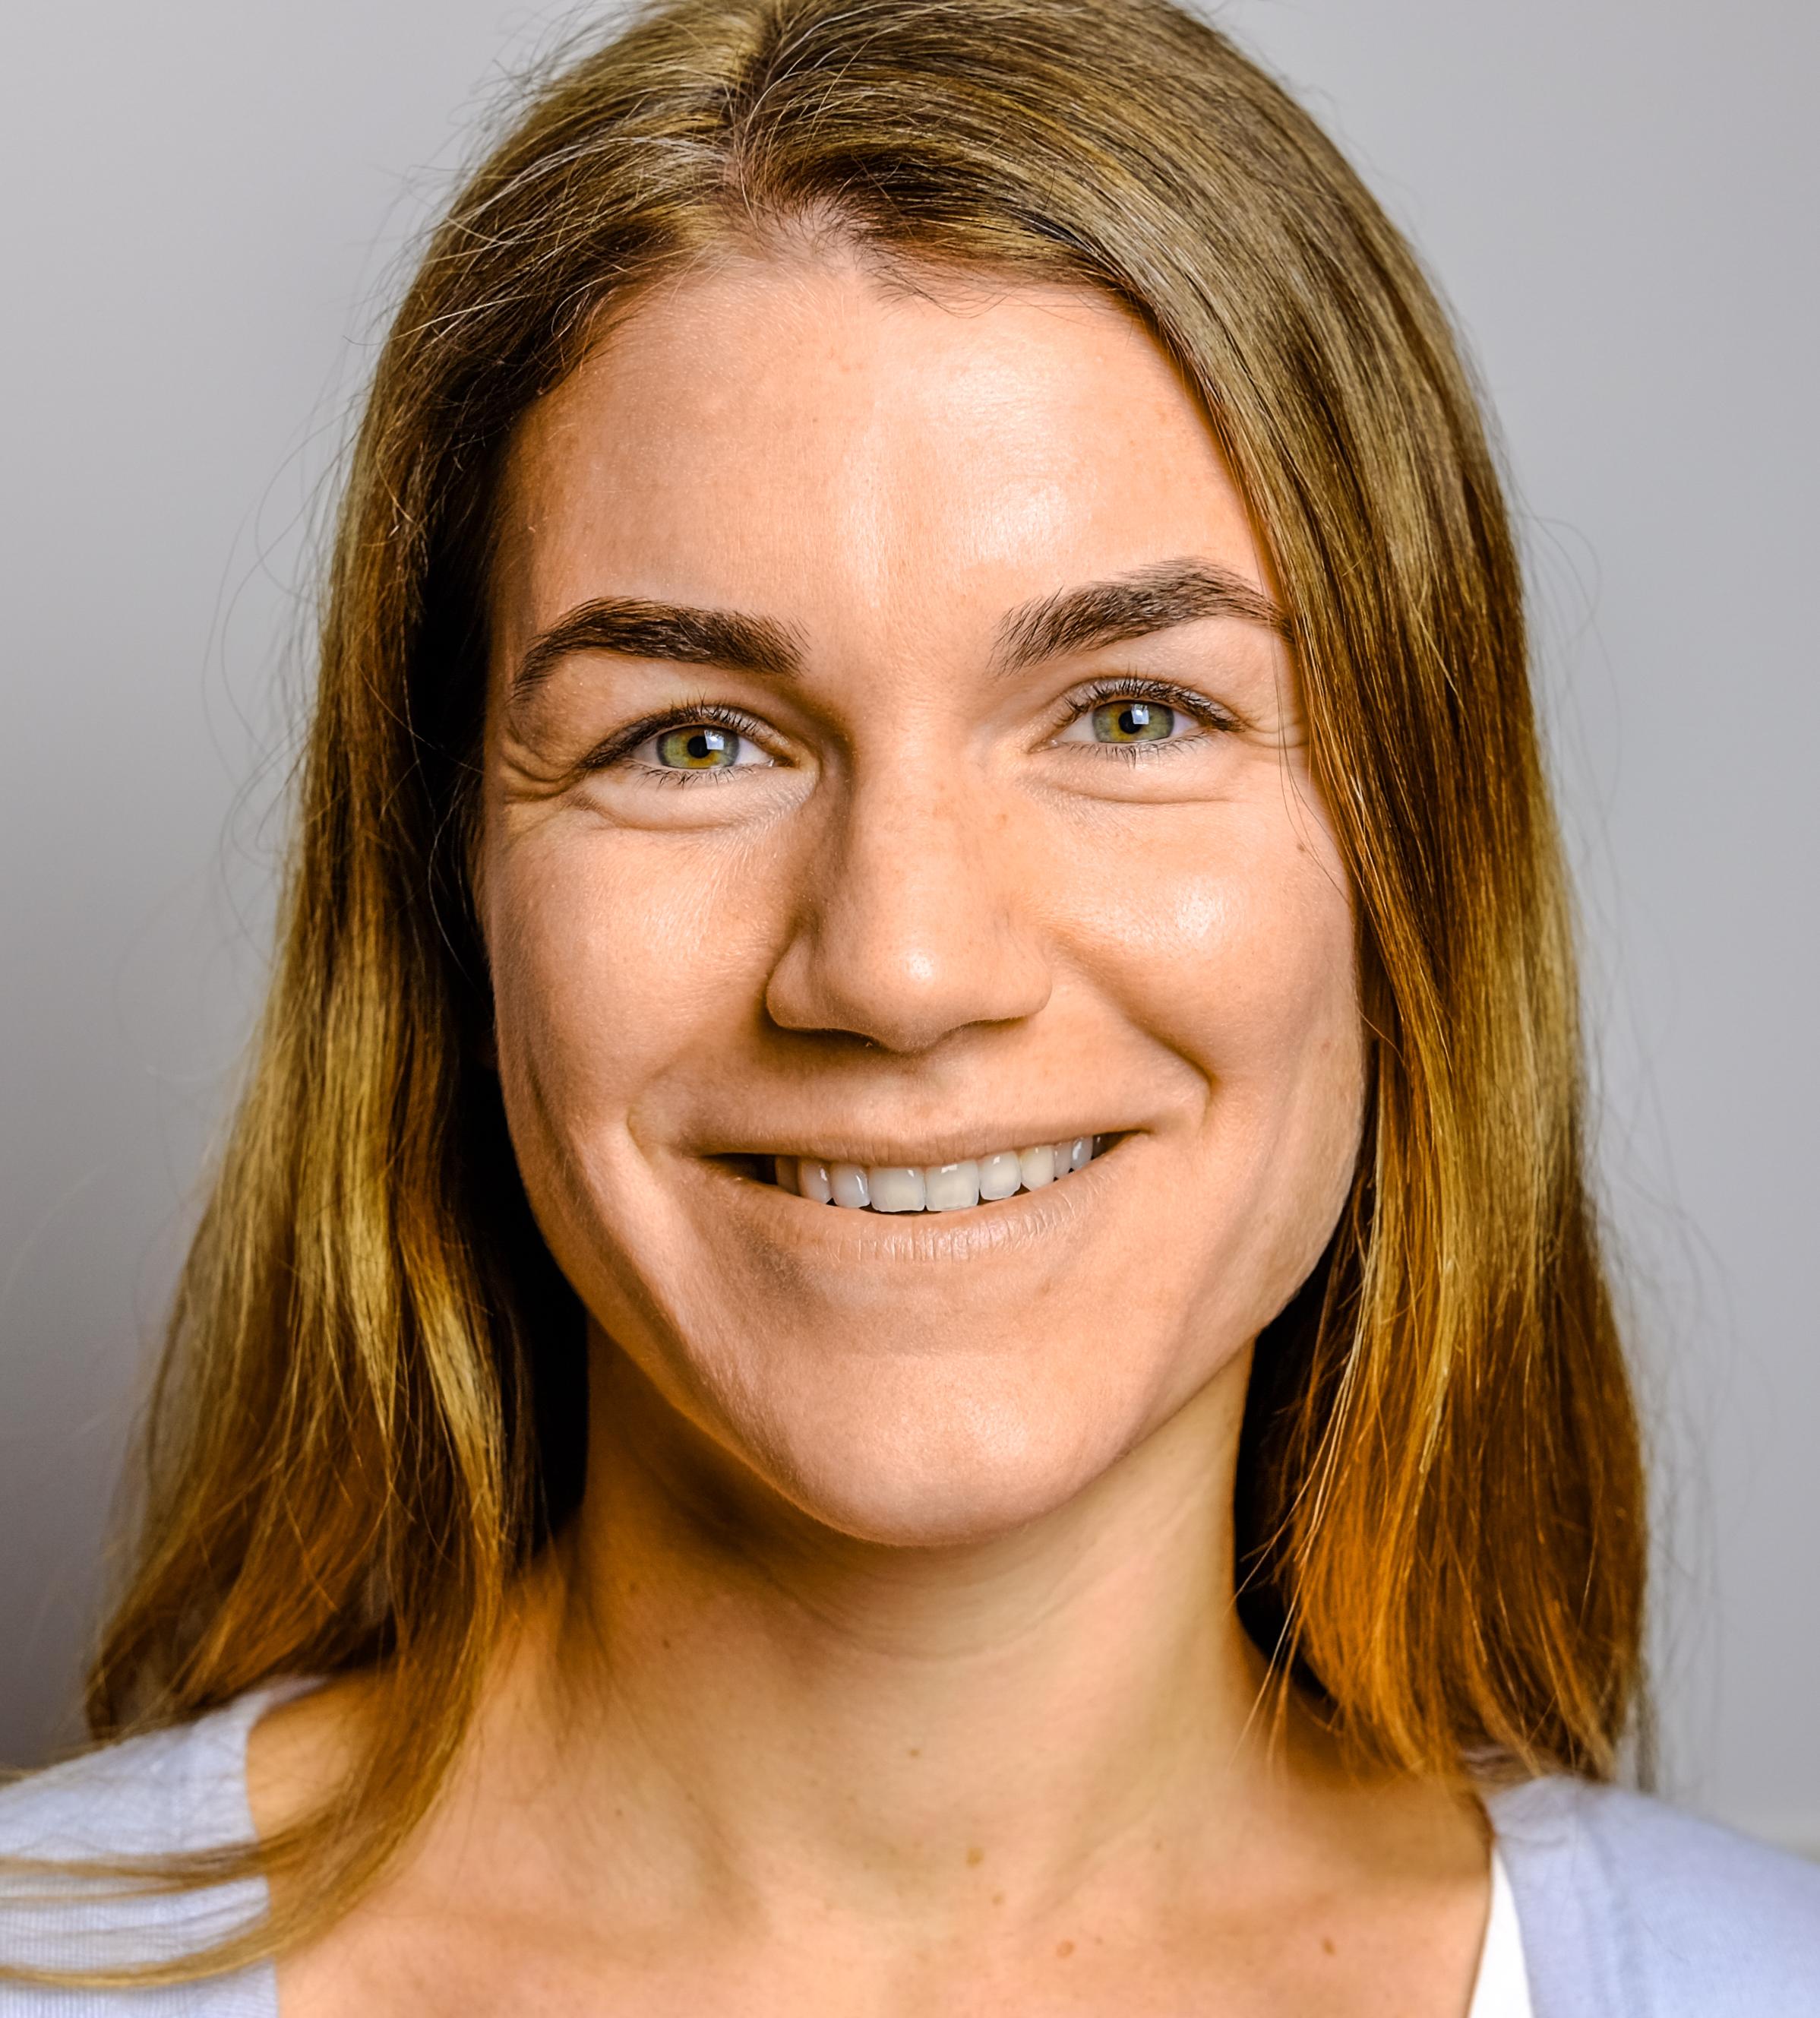 Julia Rapp